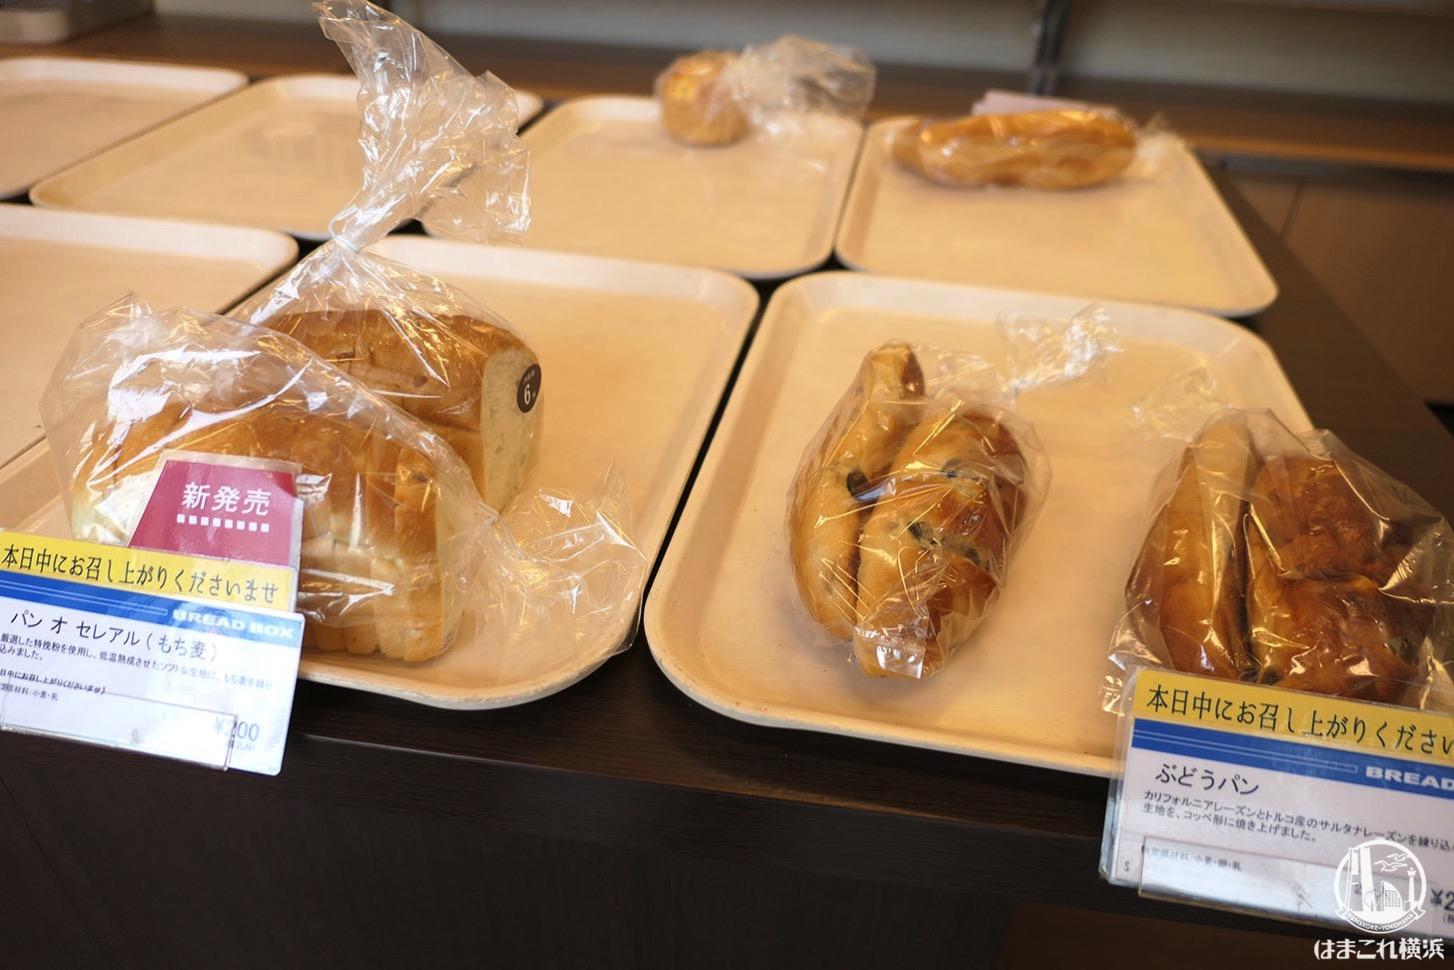 サンジェルマン ブレッドボックス 北新横浜店 アウトレットの惣菜パン・菓子パン